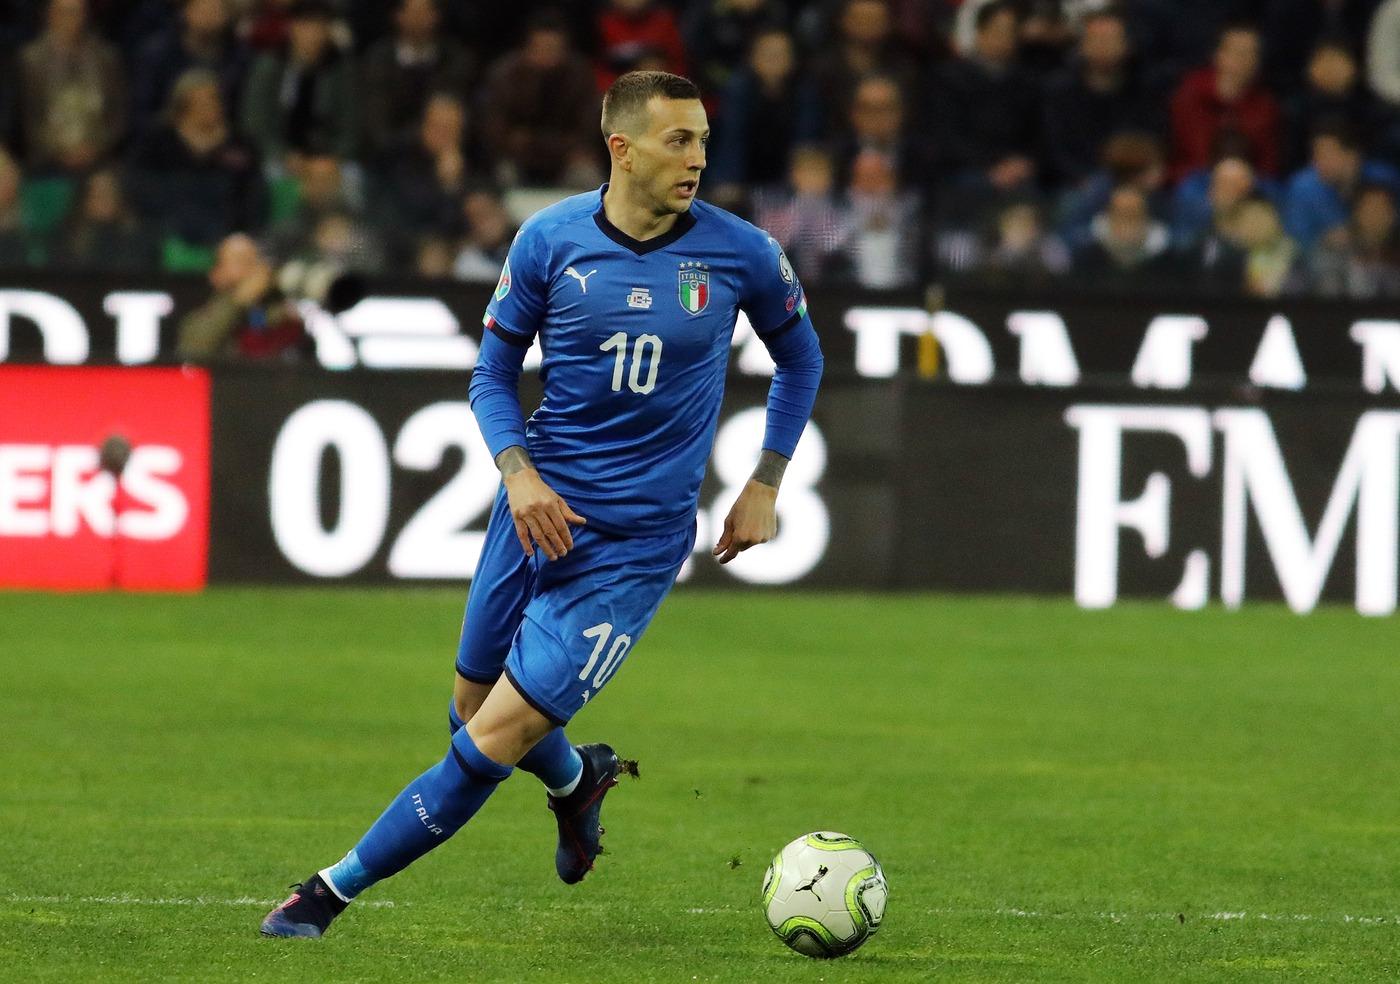 Qualificazioni Europei 2020: le statistiche Opta Italia-Liechtenstein. Martedì 26 marzo si gioca il match di qualificazione a Euro 2020